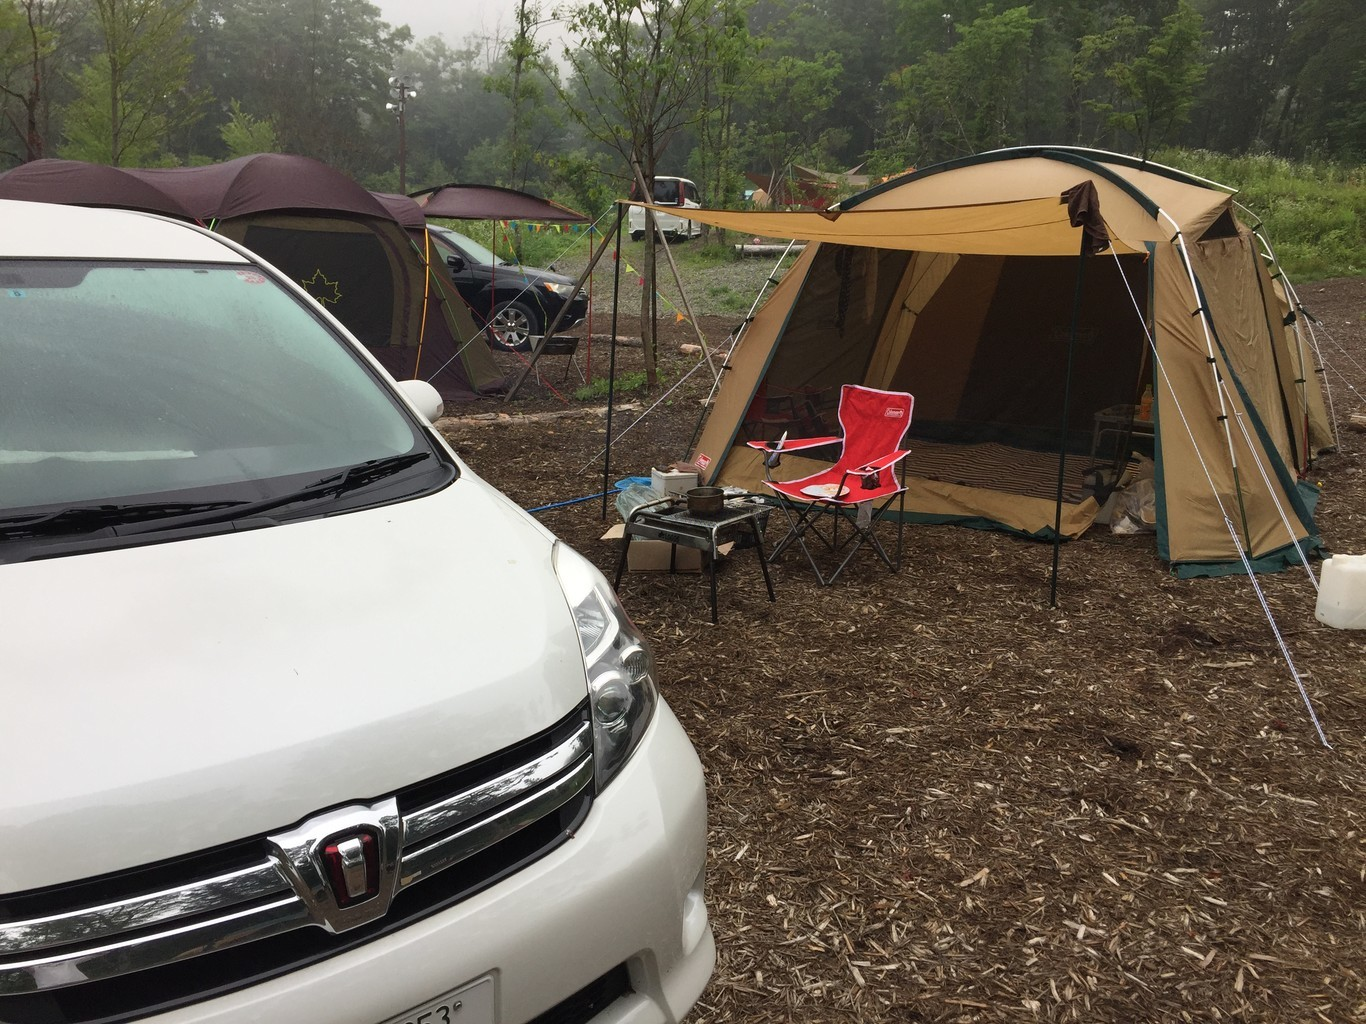 白馬森のわさび農園オートキャンプ場 の写真p7529